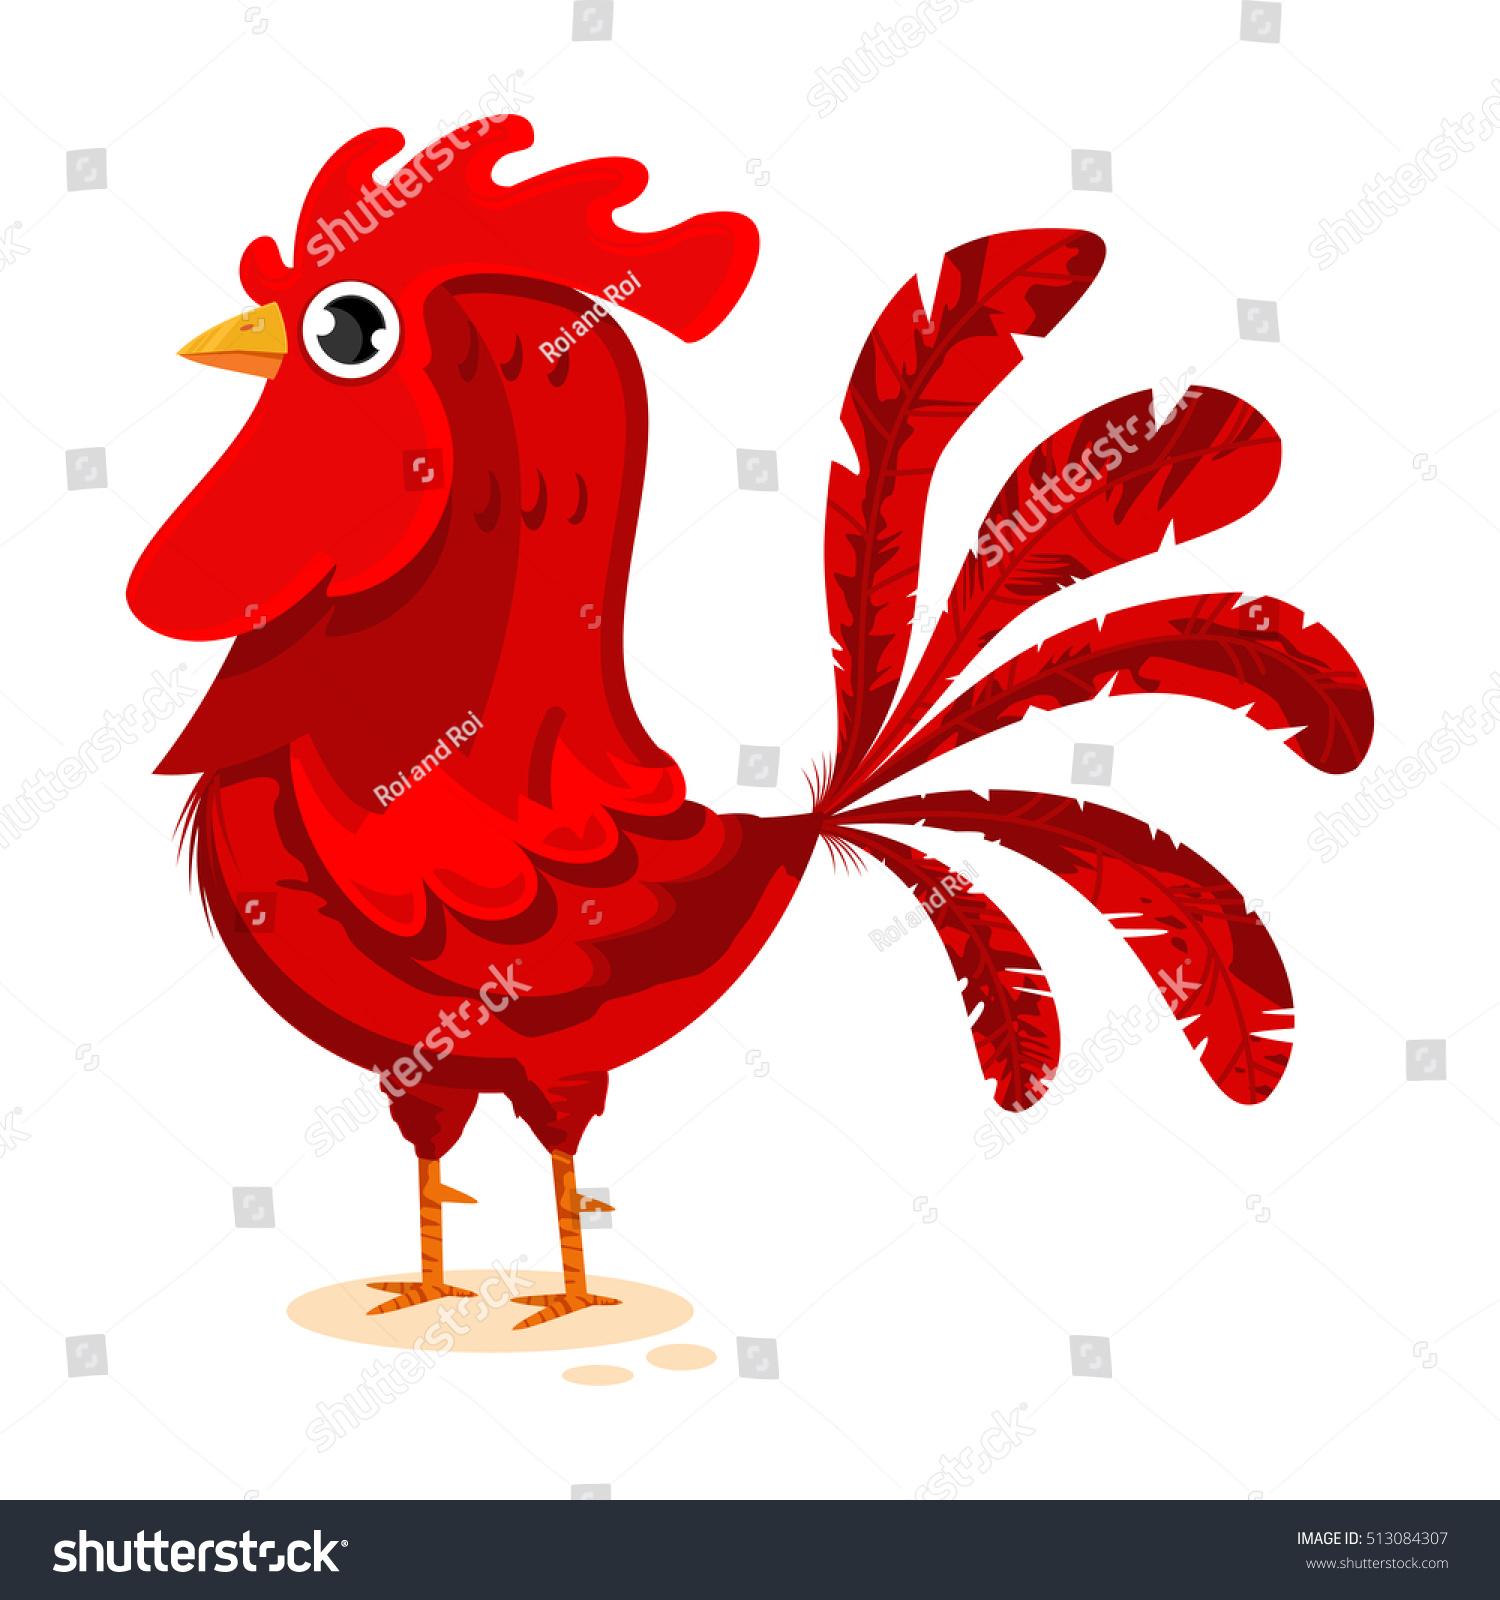 Red Rooster Cartoon Vector Illustration Bird Stock Vector Royalty